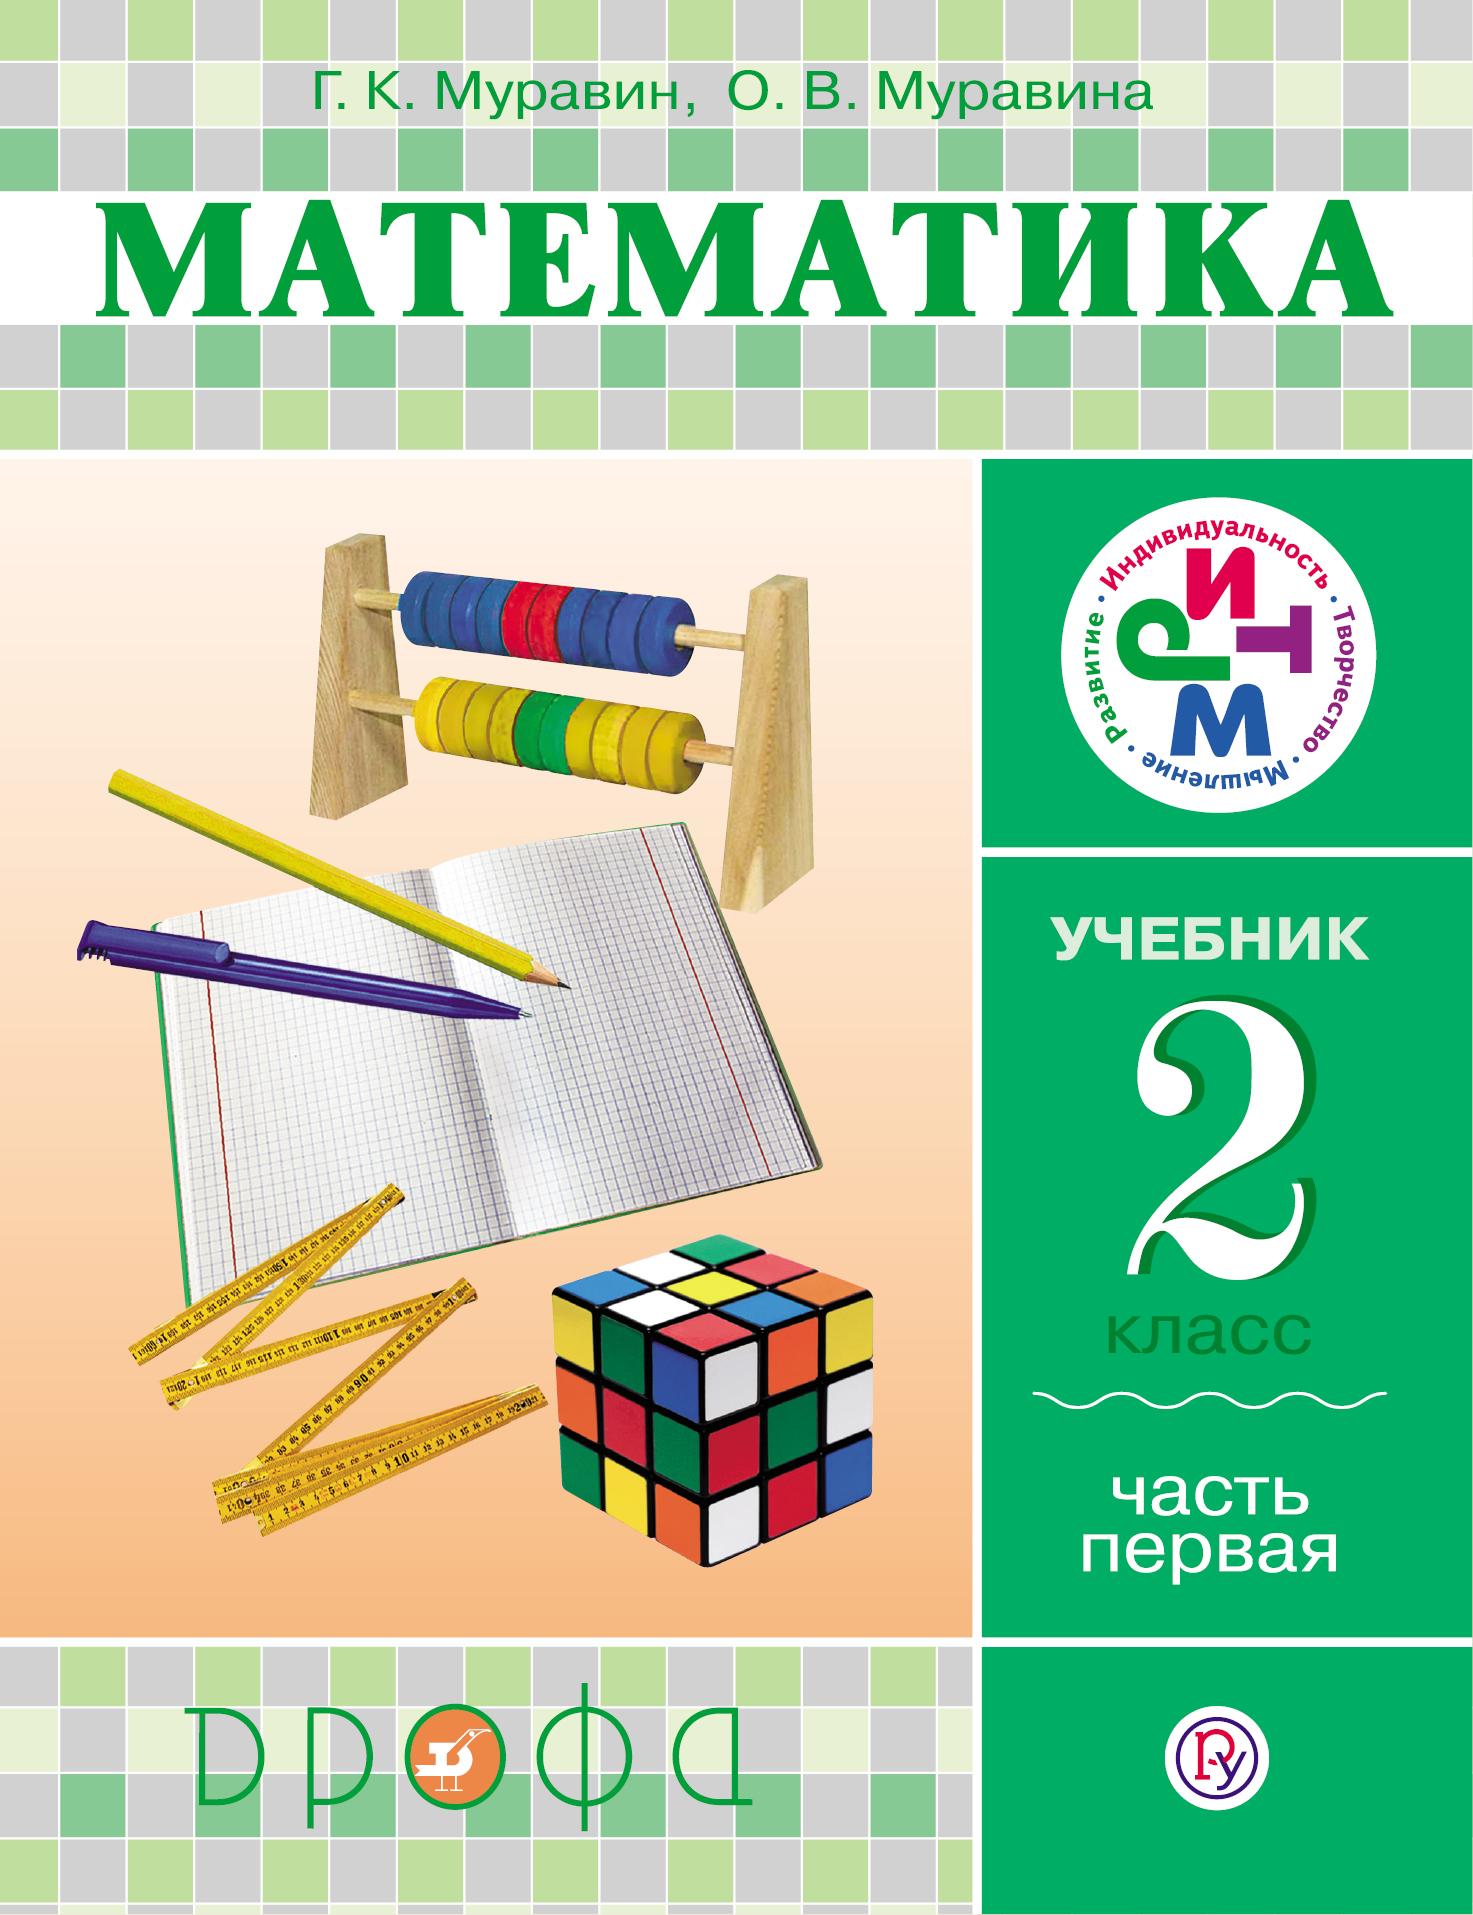 Г. К. Муравин, О. В. Муравина Математика. 2 класс. Учебник. В 2 частях. Часть 1